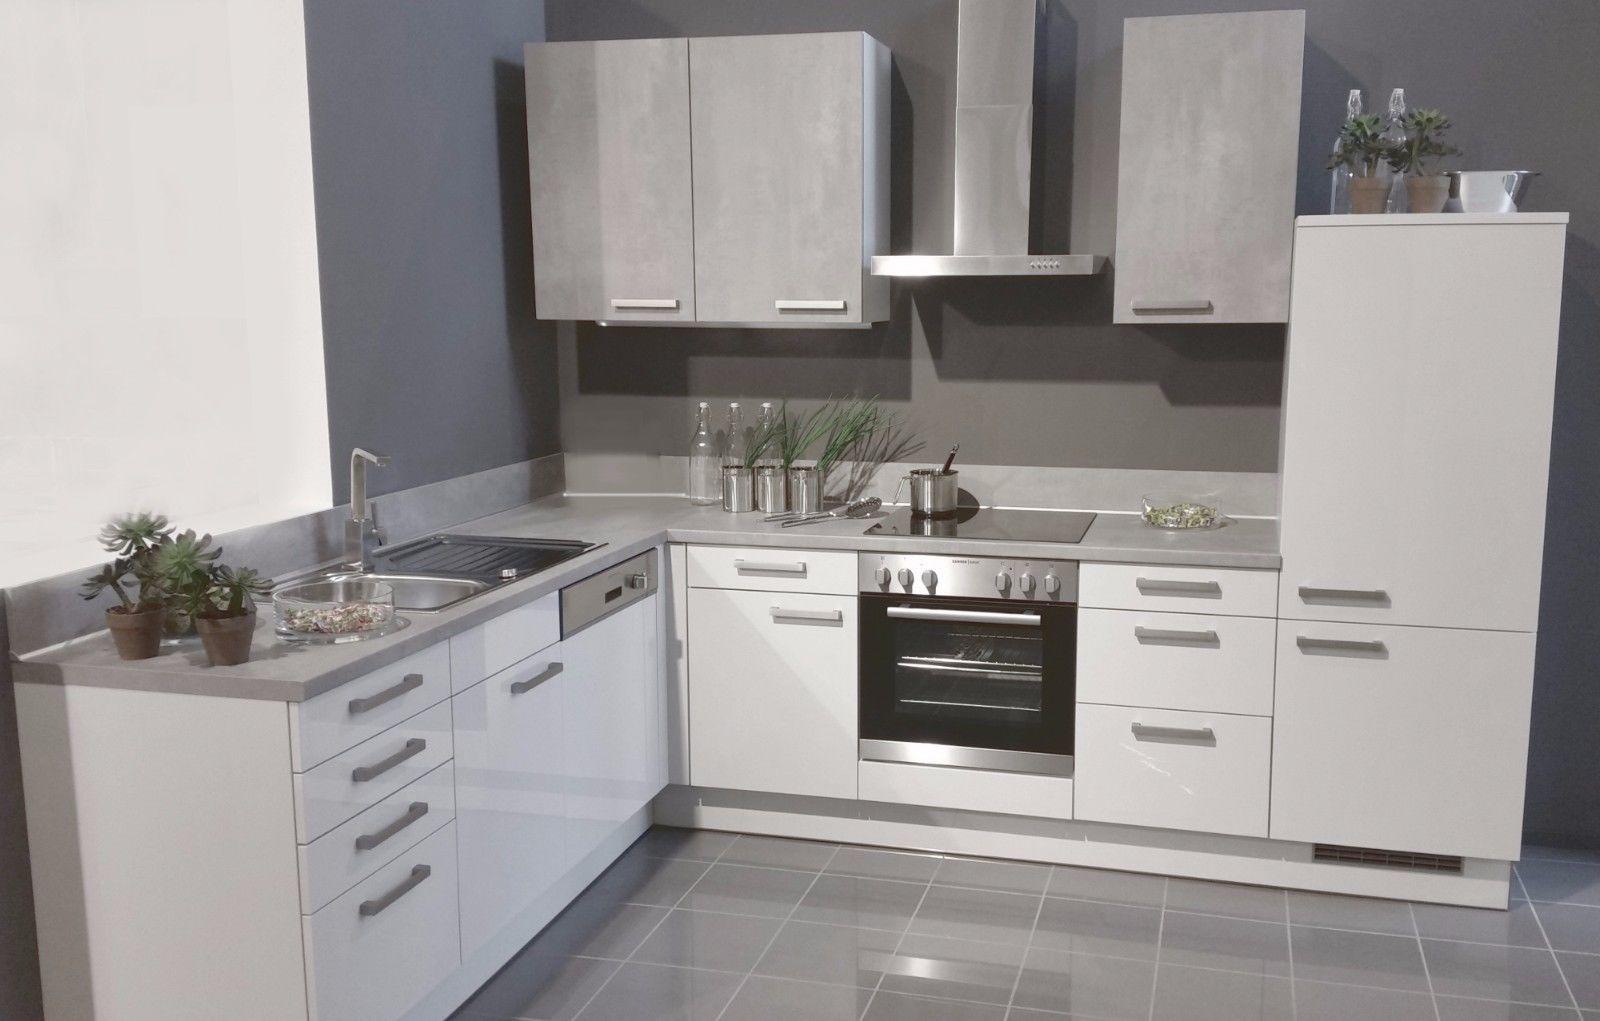 Full Size of Komplettküche Mit Geräten Komplettküche Kaufen Miele Komplettküche Komplettküche Angebot Küche Komplettküche